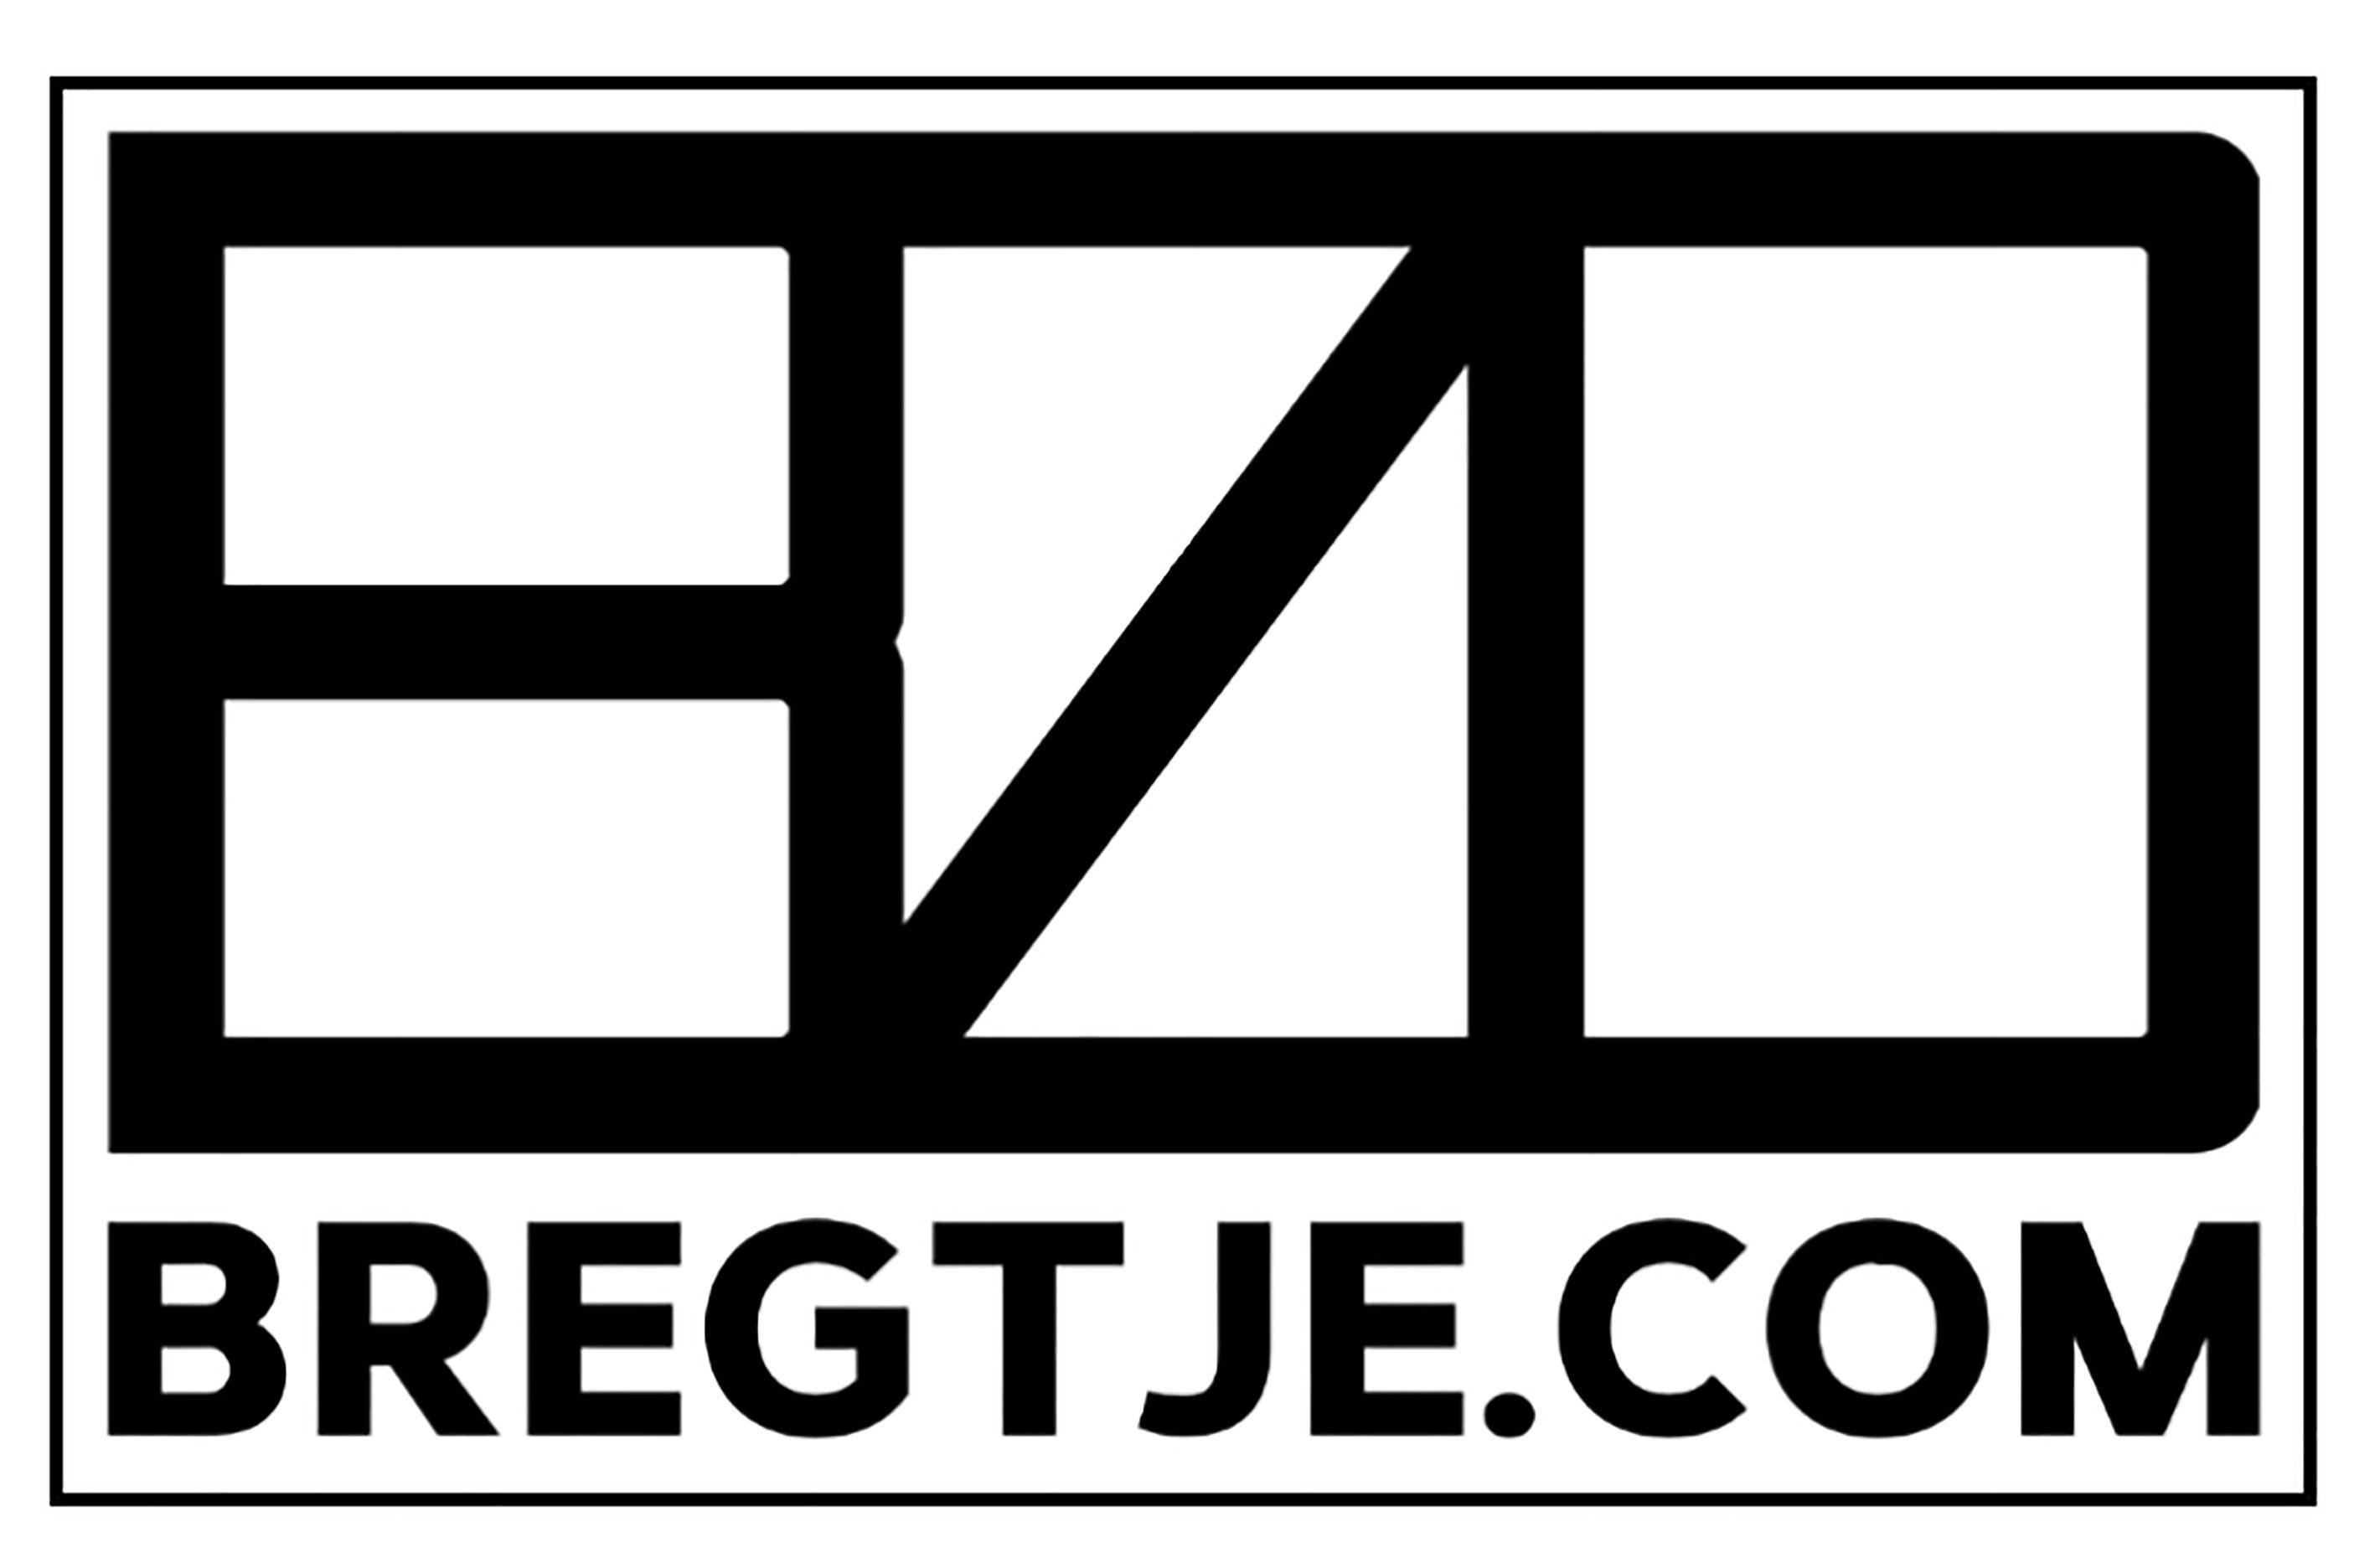 BREGTJE.COM